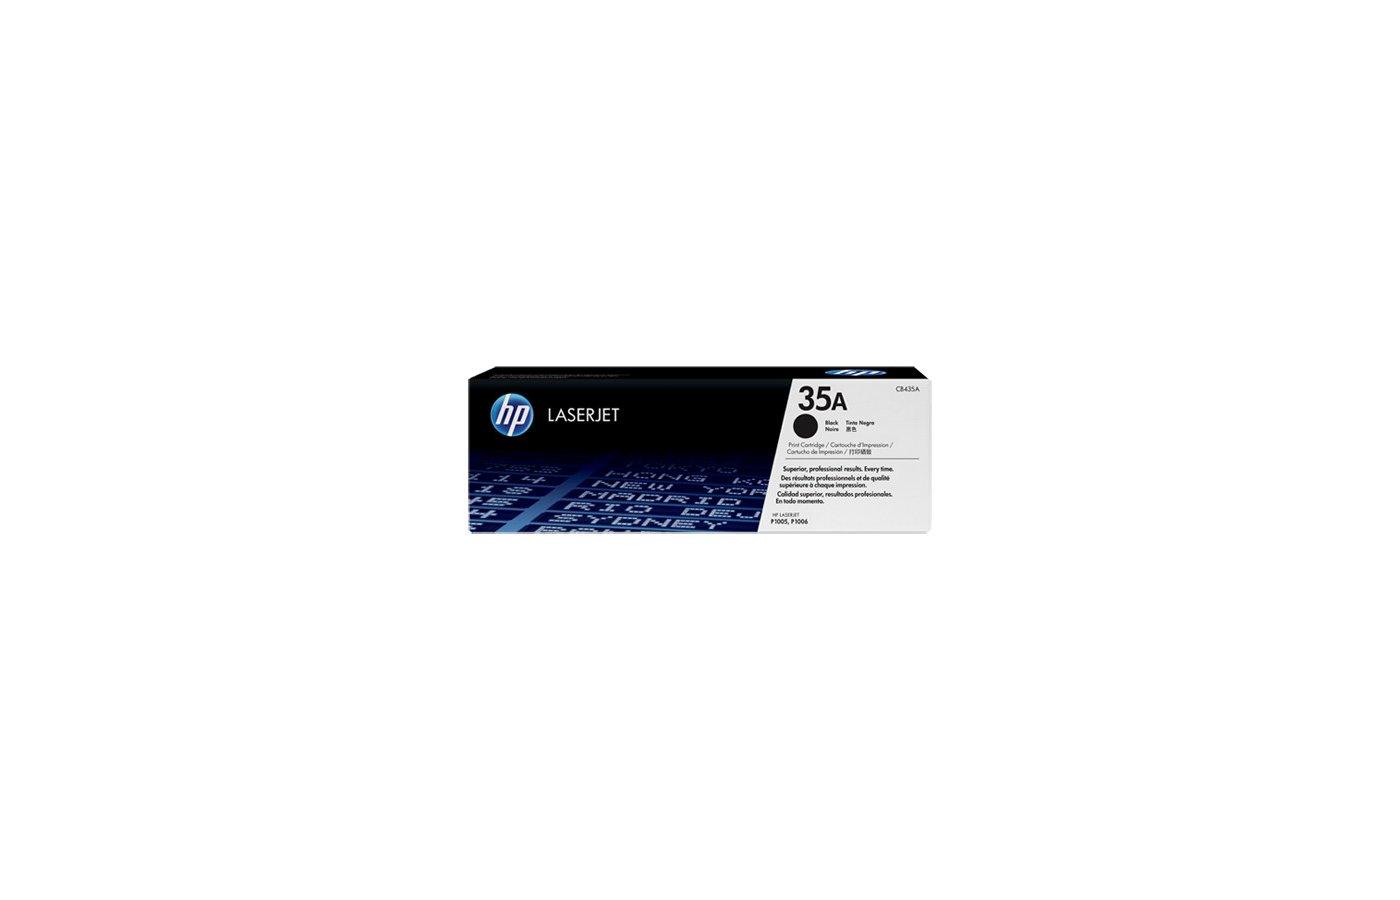 Картридж лазерный HP CB435A черный для LaserJet P1005/P1006 (1500стр.)